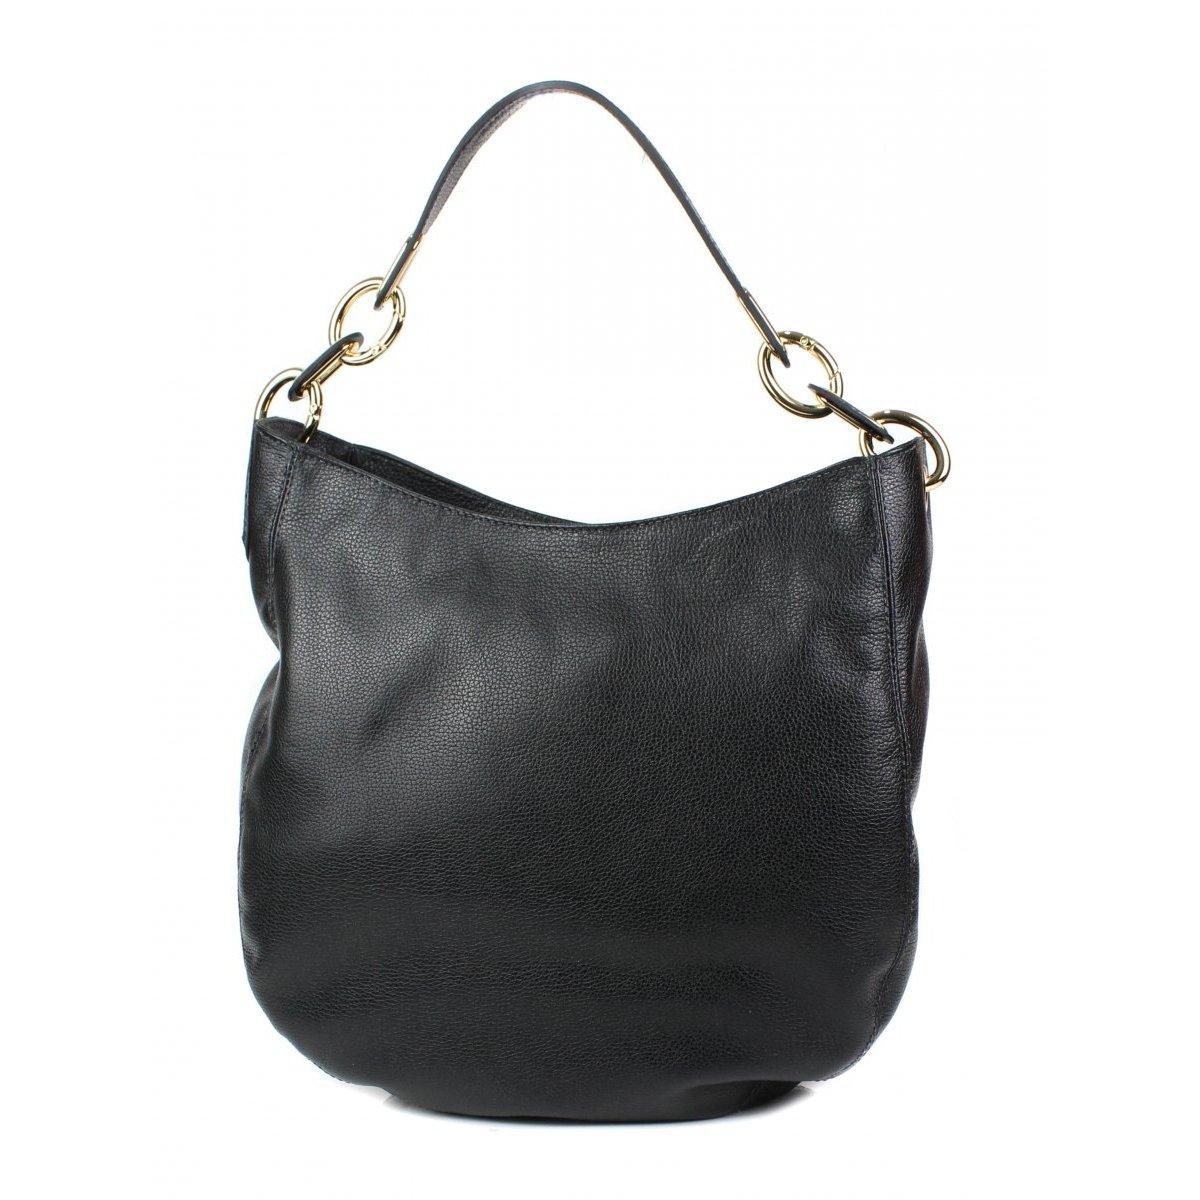 5aaea8d83 Bolsa Luz da Lua Shopper - Compre Agora | Netshoes